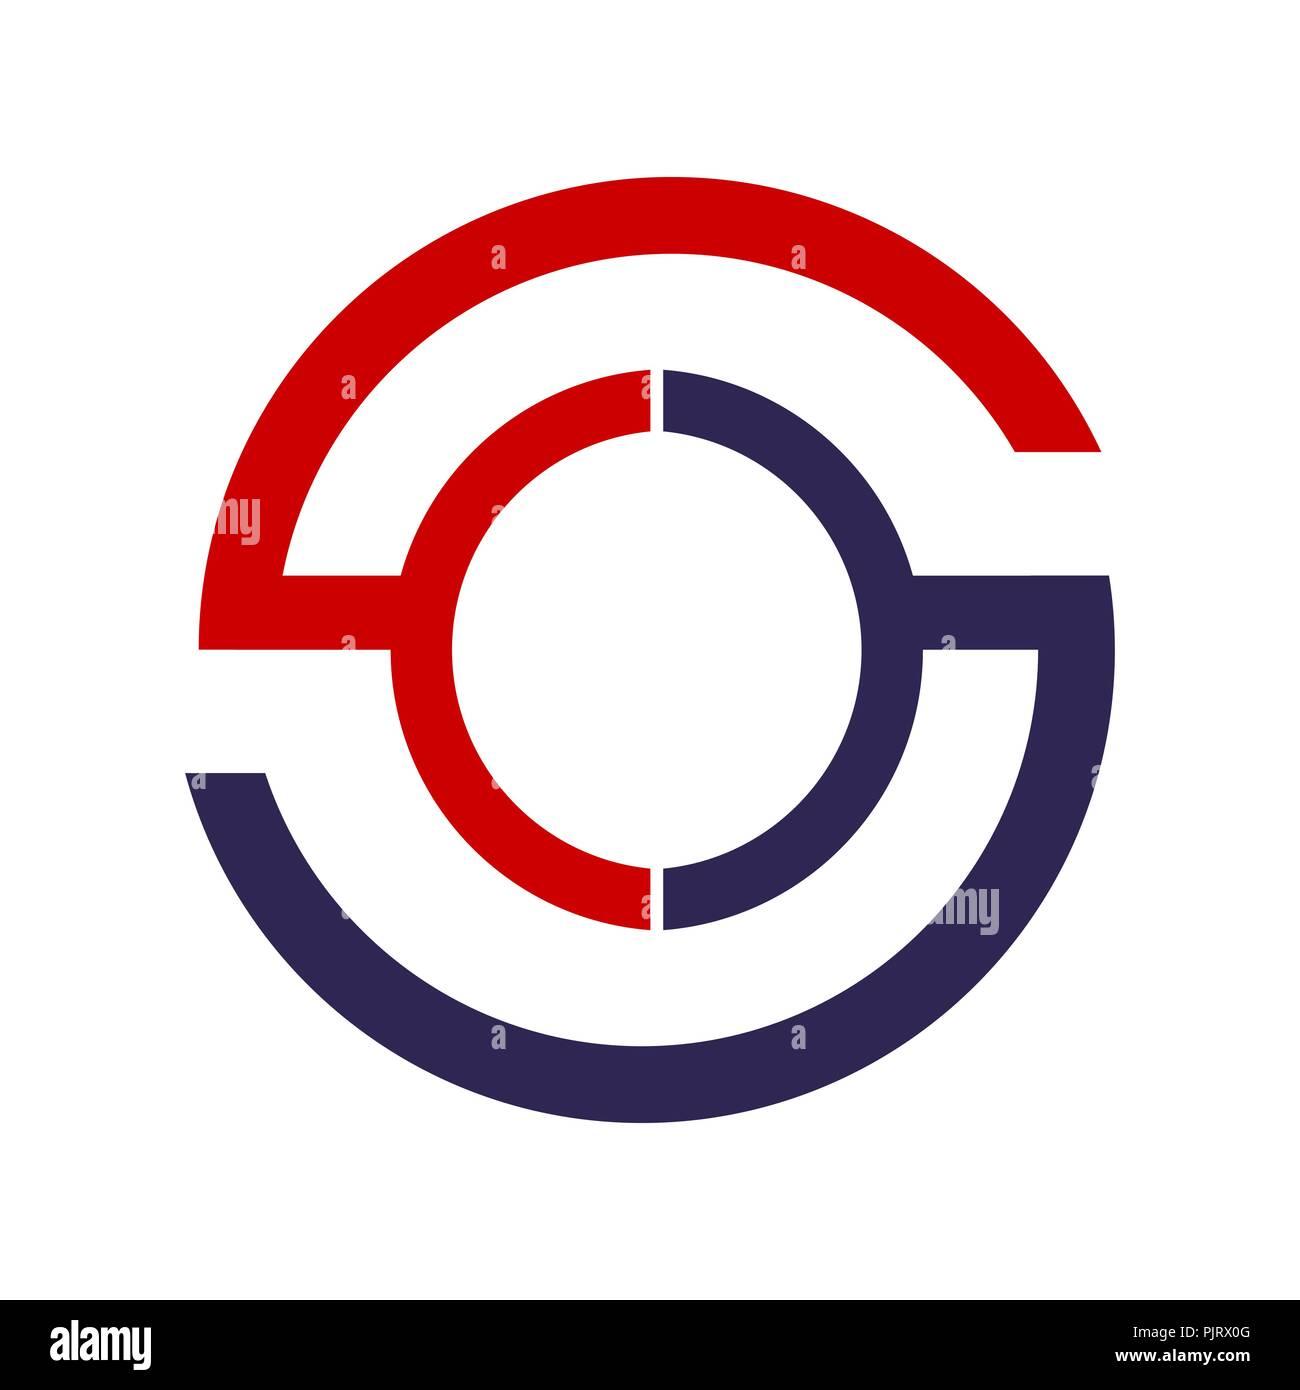 Circlelogo Template Black: 20+ Latest Abstract Vector Logo Design